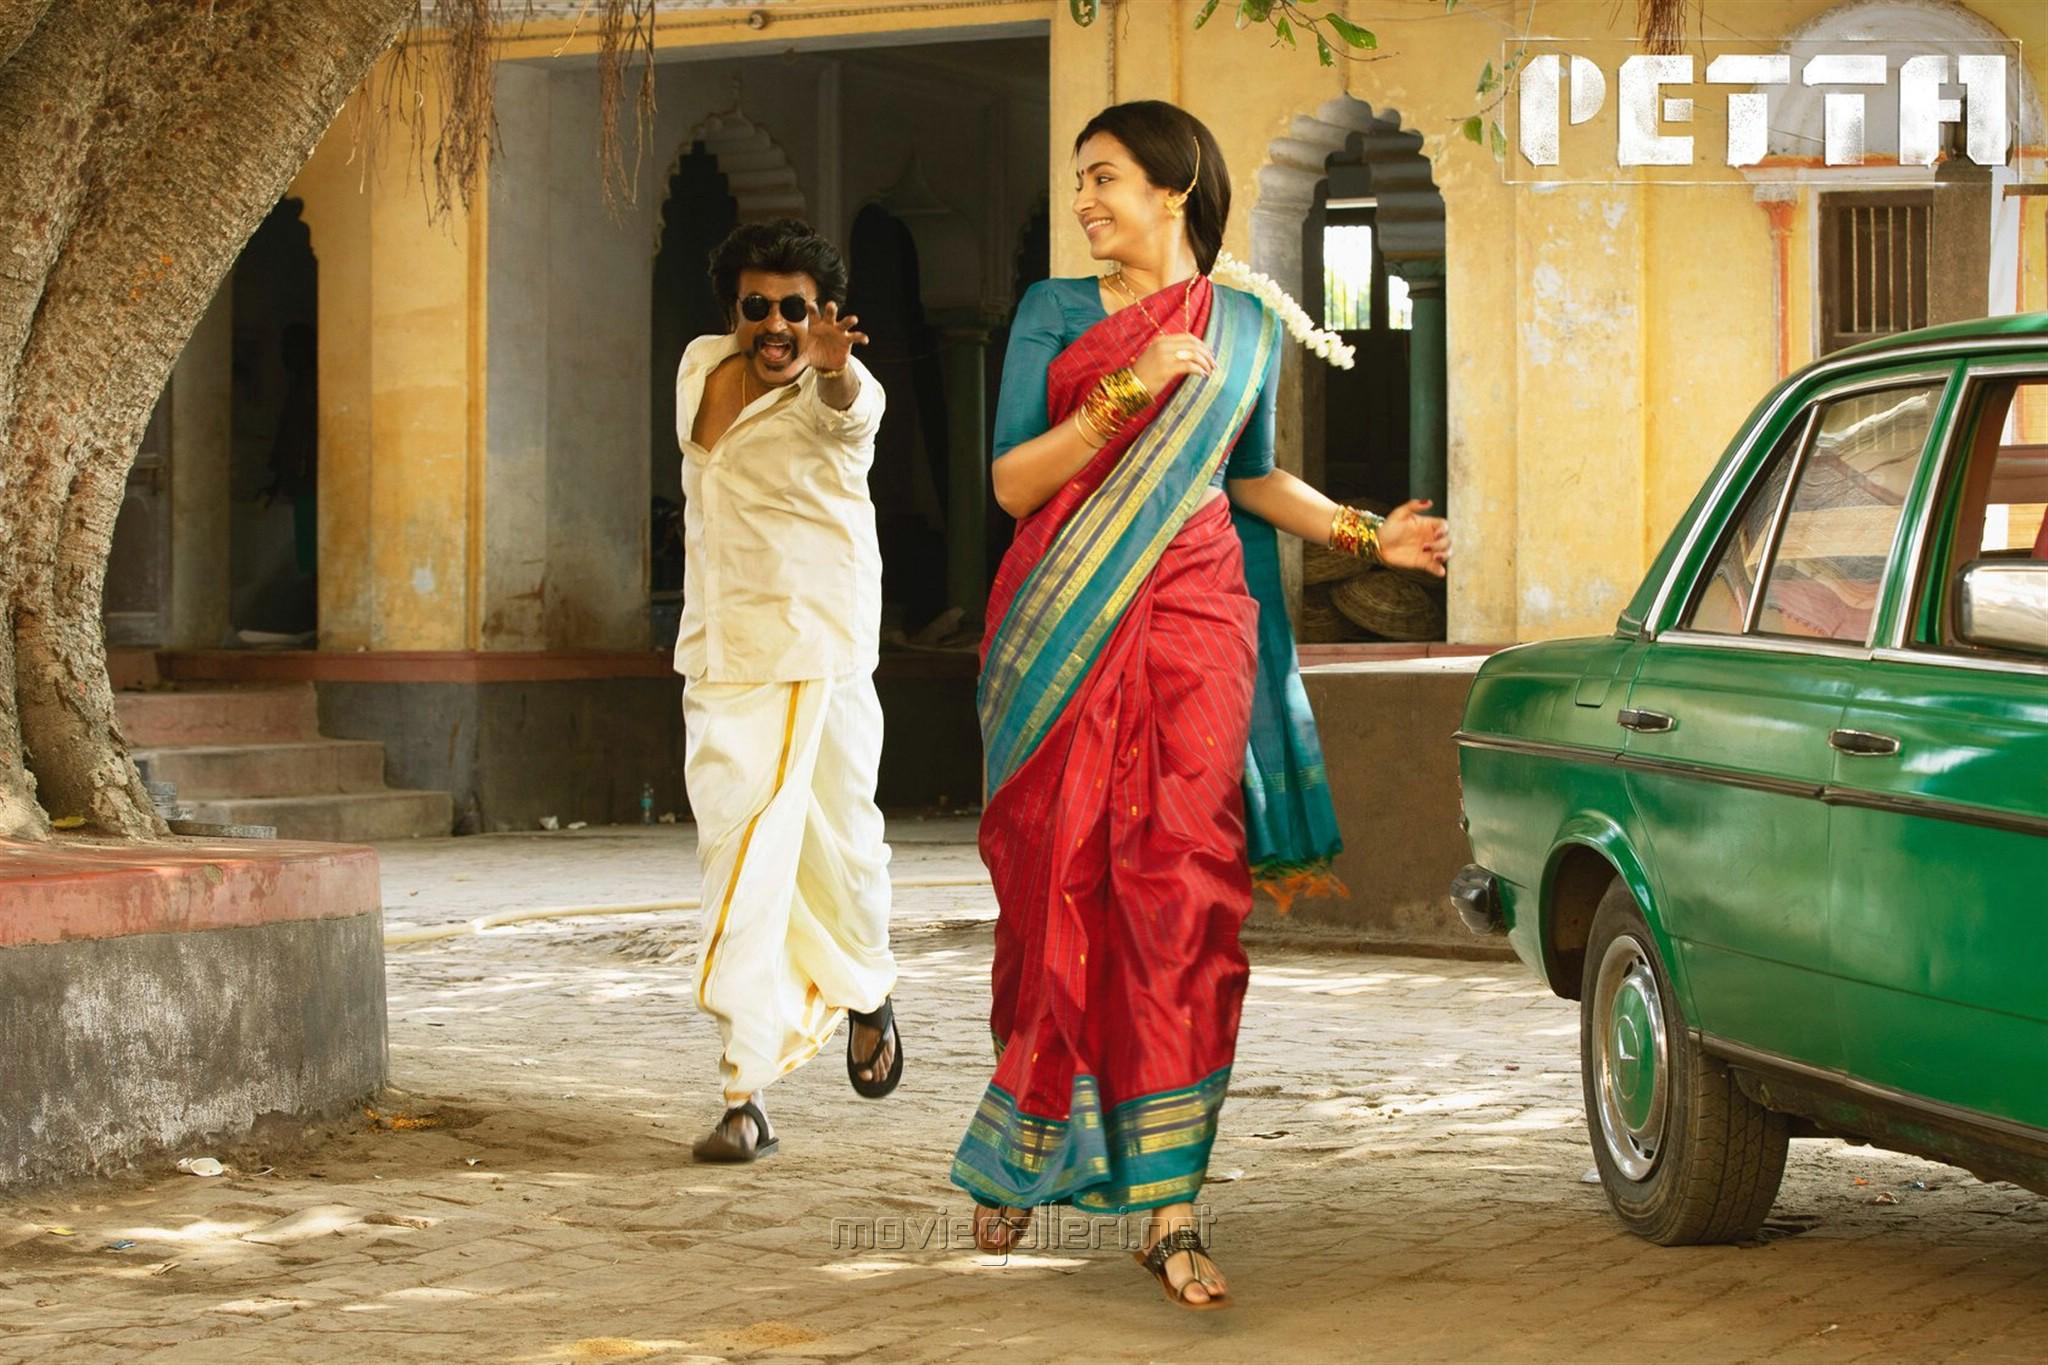 Rajini, Trisha in Petta Movie Stills HD